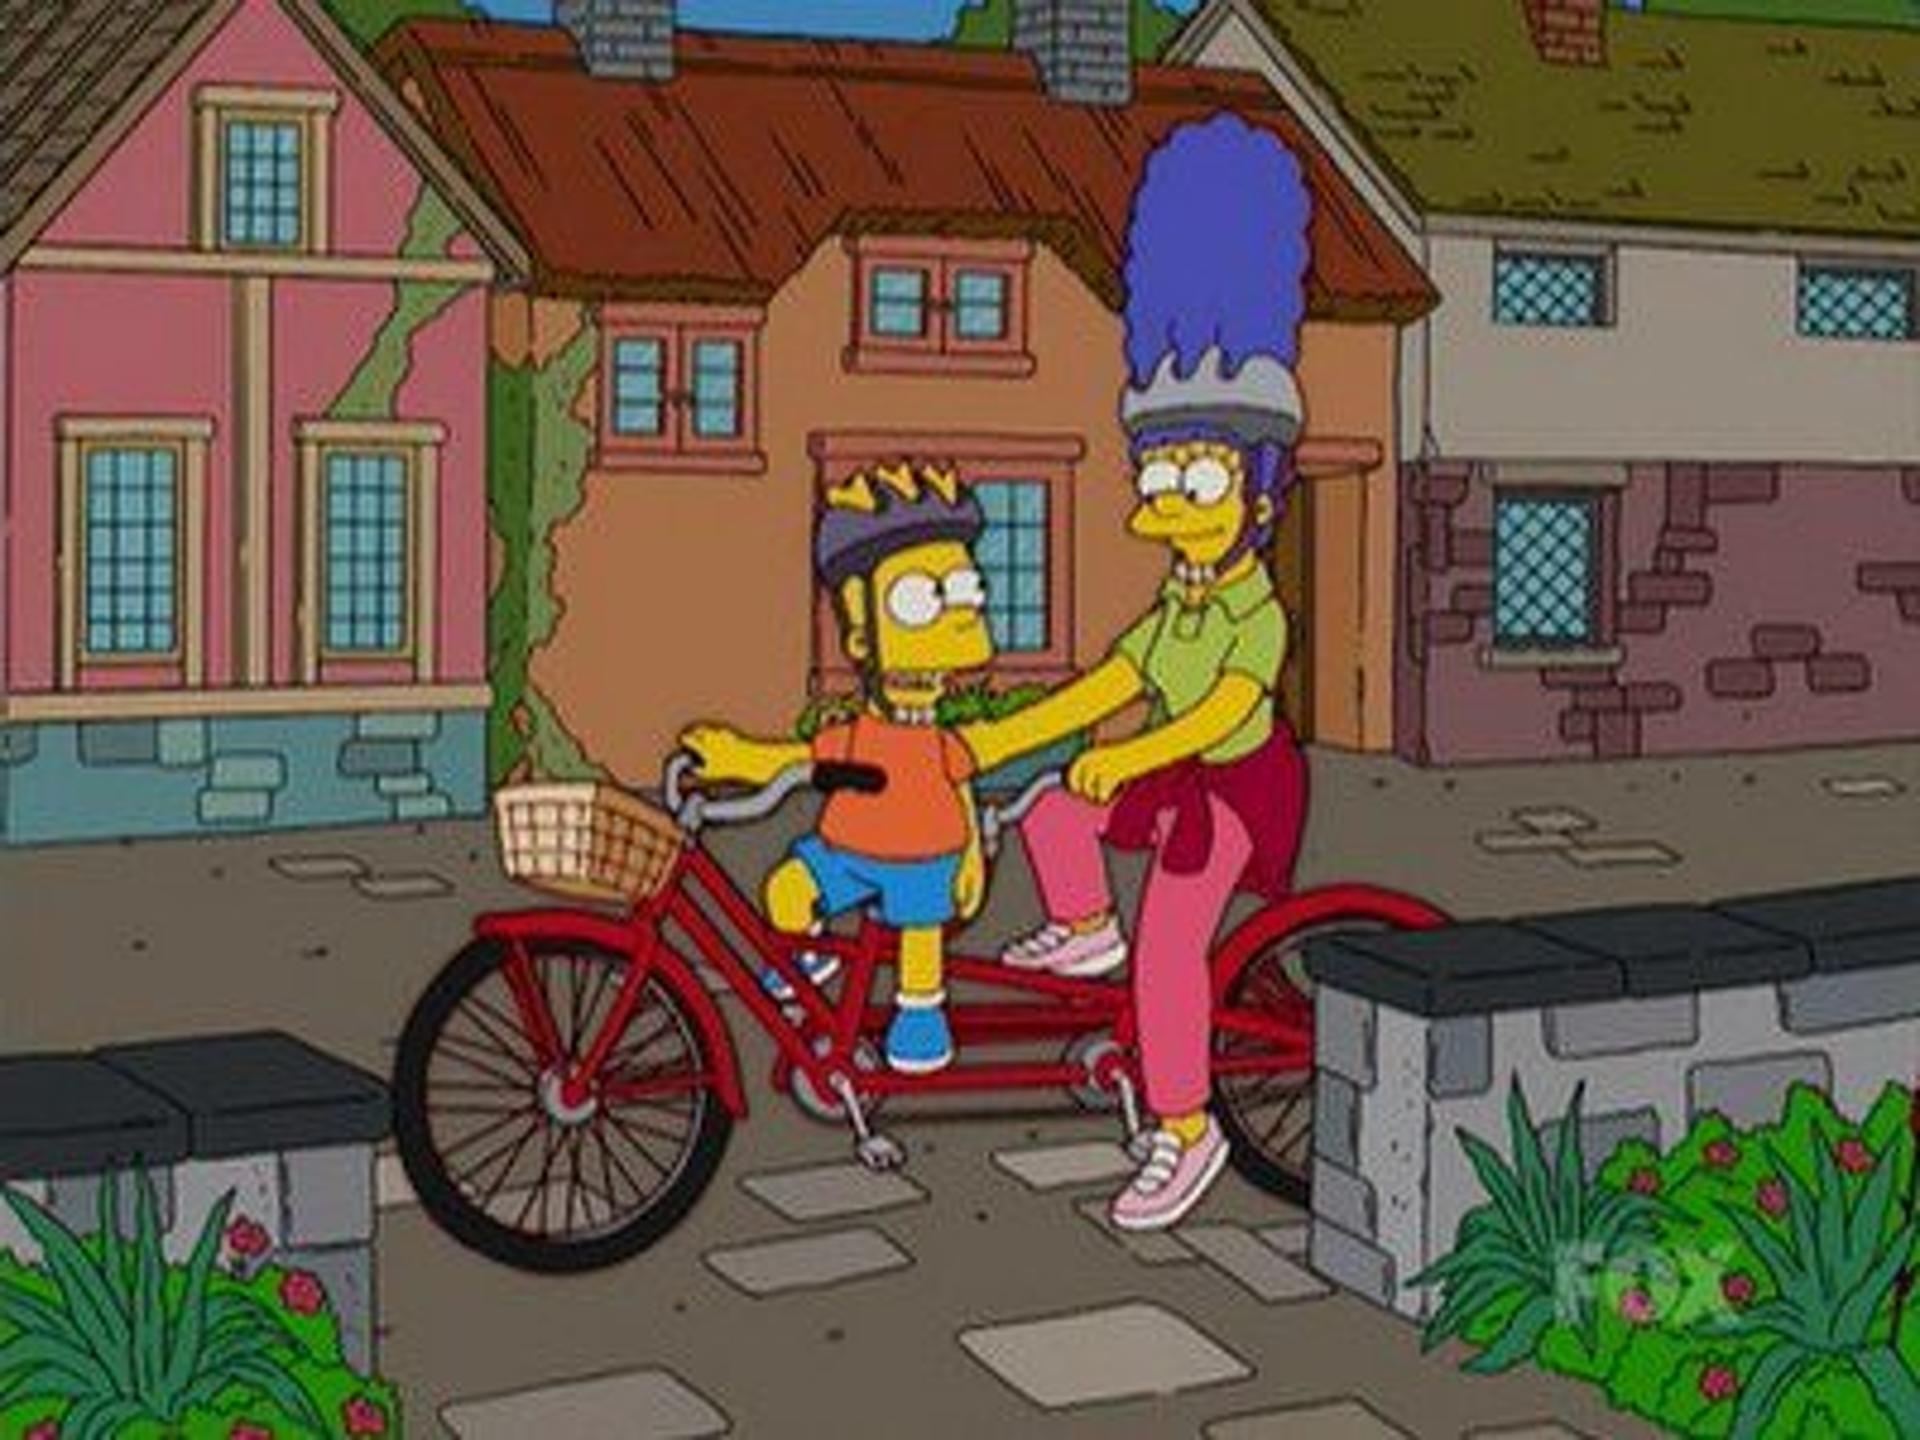 Фото оргии в симпсонах, Порно картинки Симпсоны Порно фото Симпсоны 23 фотография